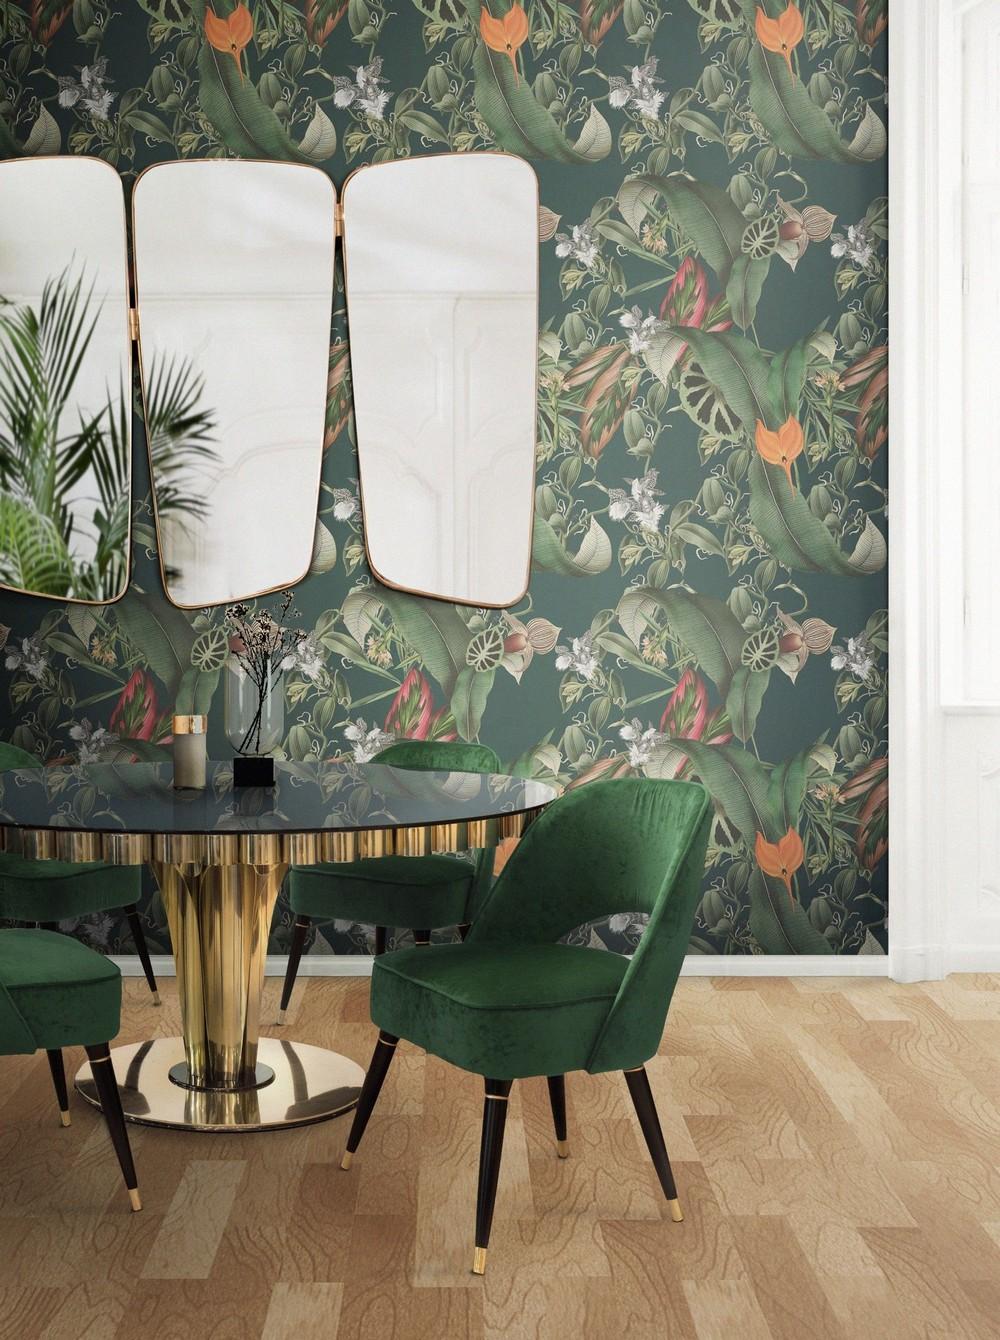 Diseño de Interiores: Ideas para comedores de mediados de Siglo contemporáneos diseño de interiores Diseño de Interiores: Ideas para comedores de mediados de Siglo contemporáneos Featured1 2